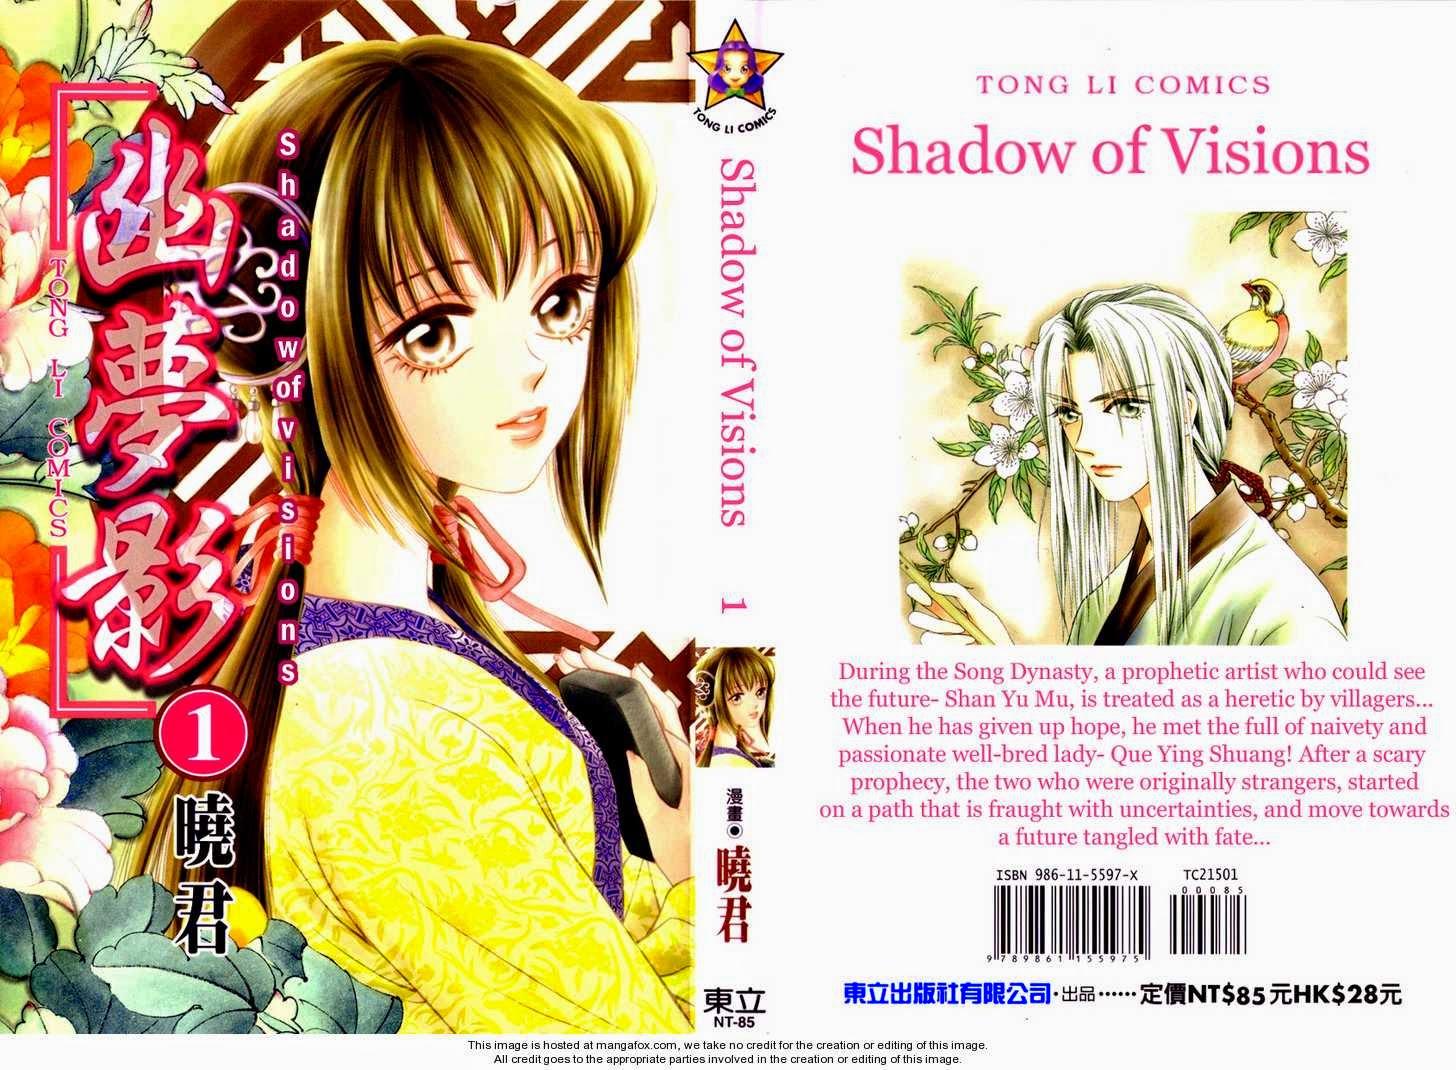 http://mangafox.me/manga/shadow_of_visions/